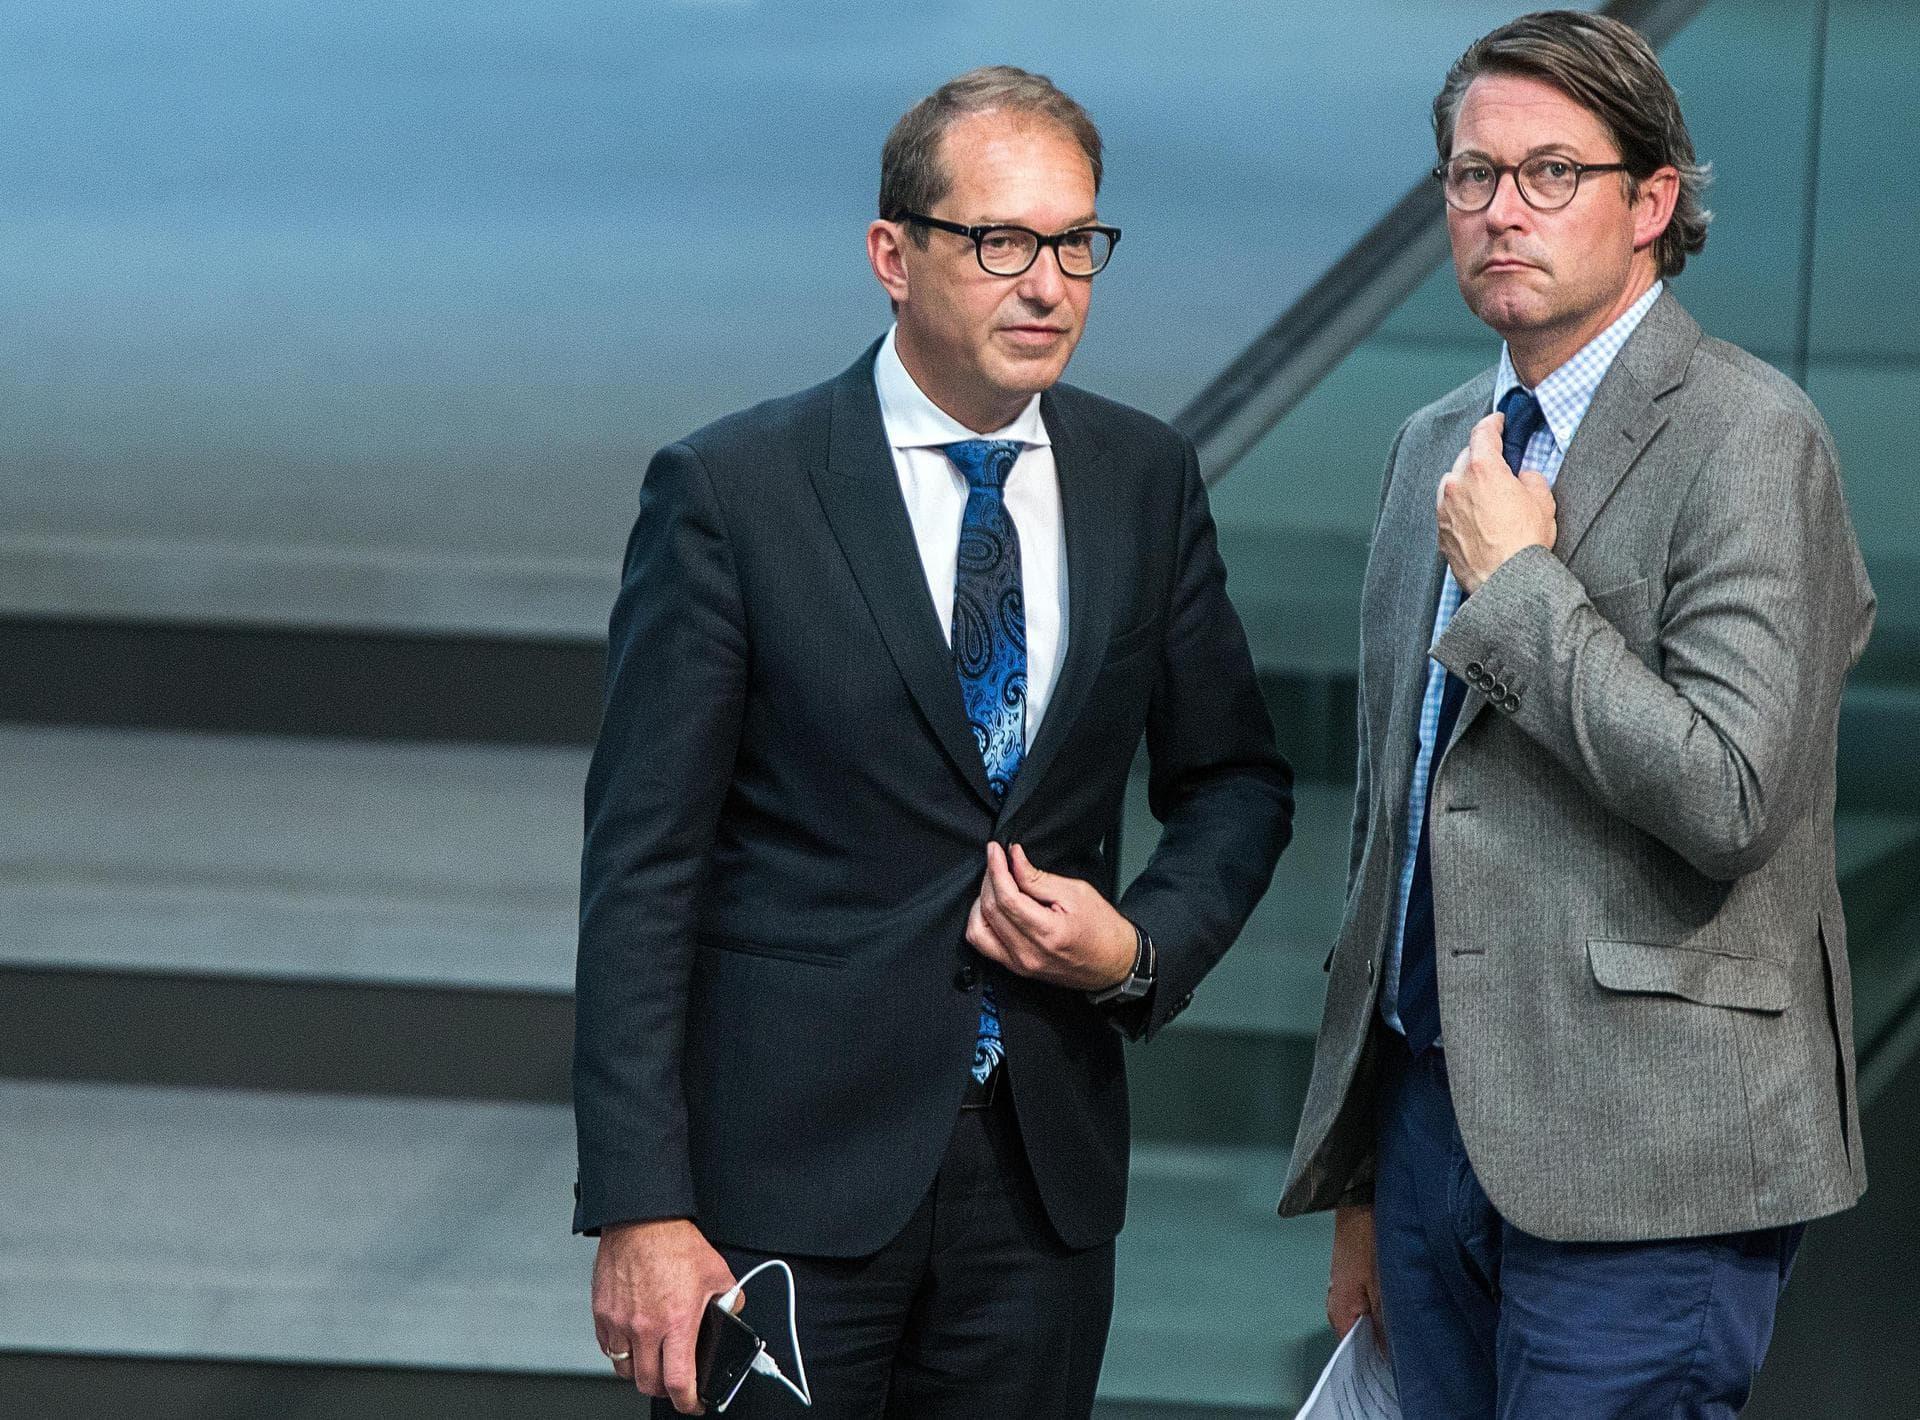 Pkw-Maut: Opposition sieht Dobrindt in Mitverantwortung Umstrittene Maut-Gesetze